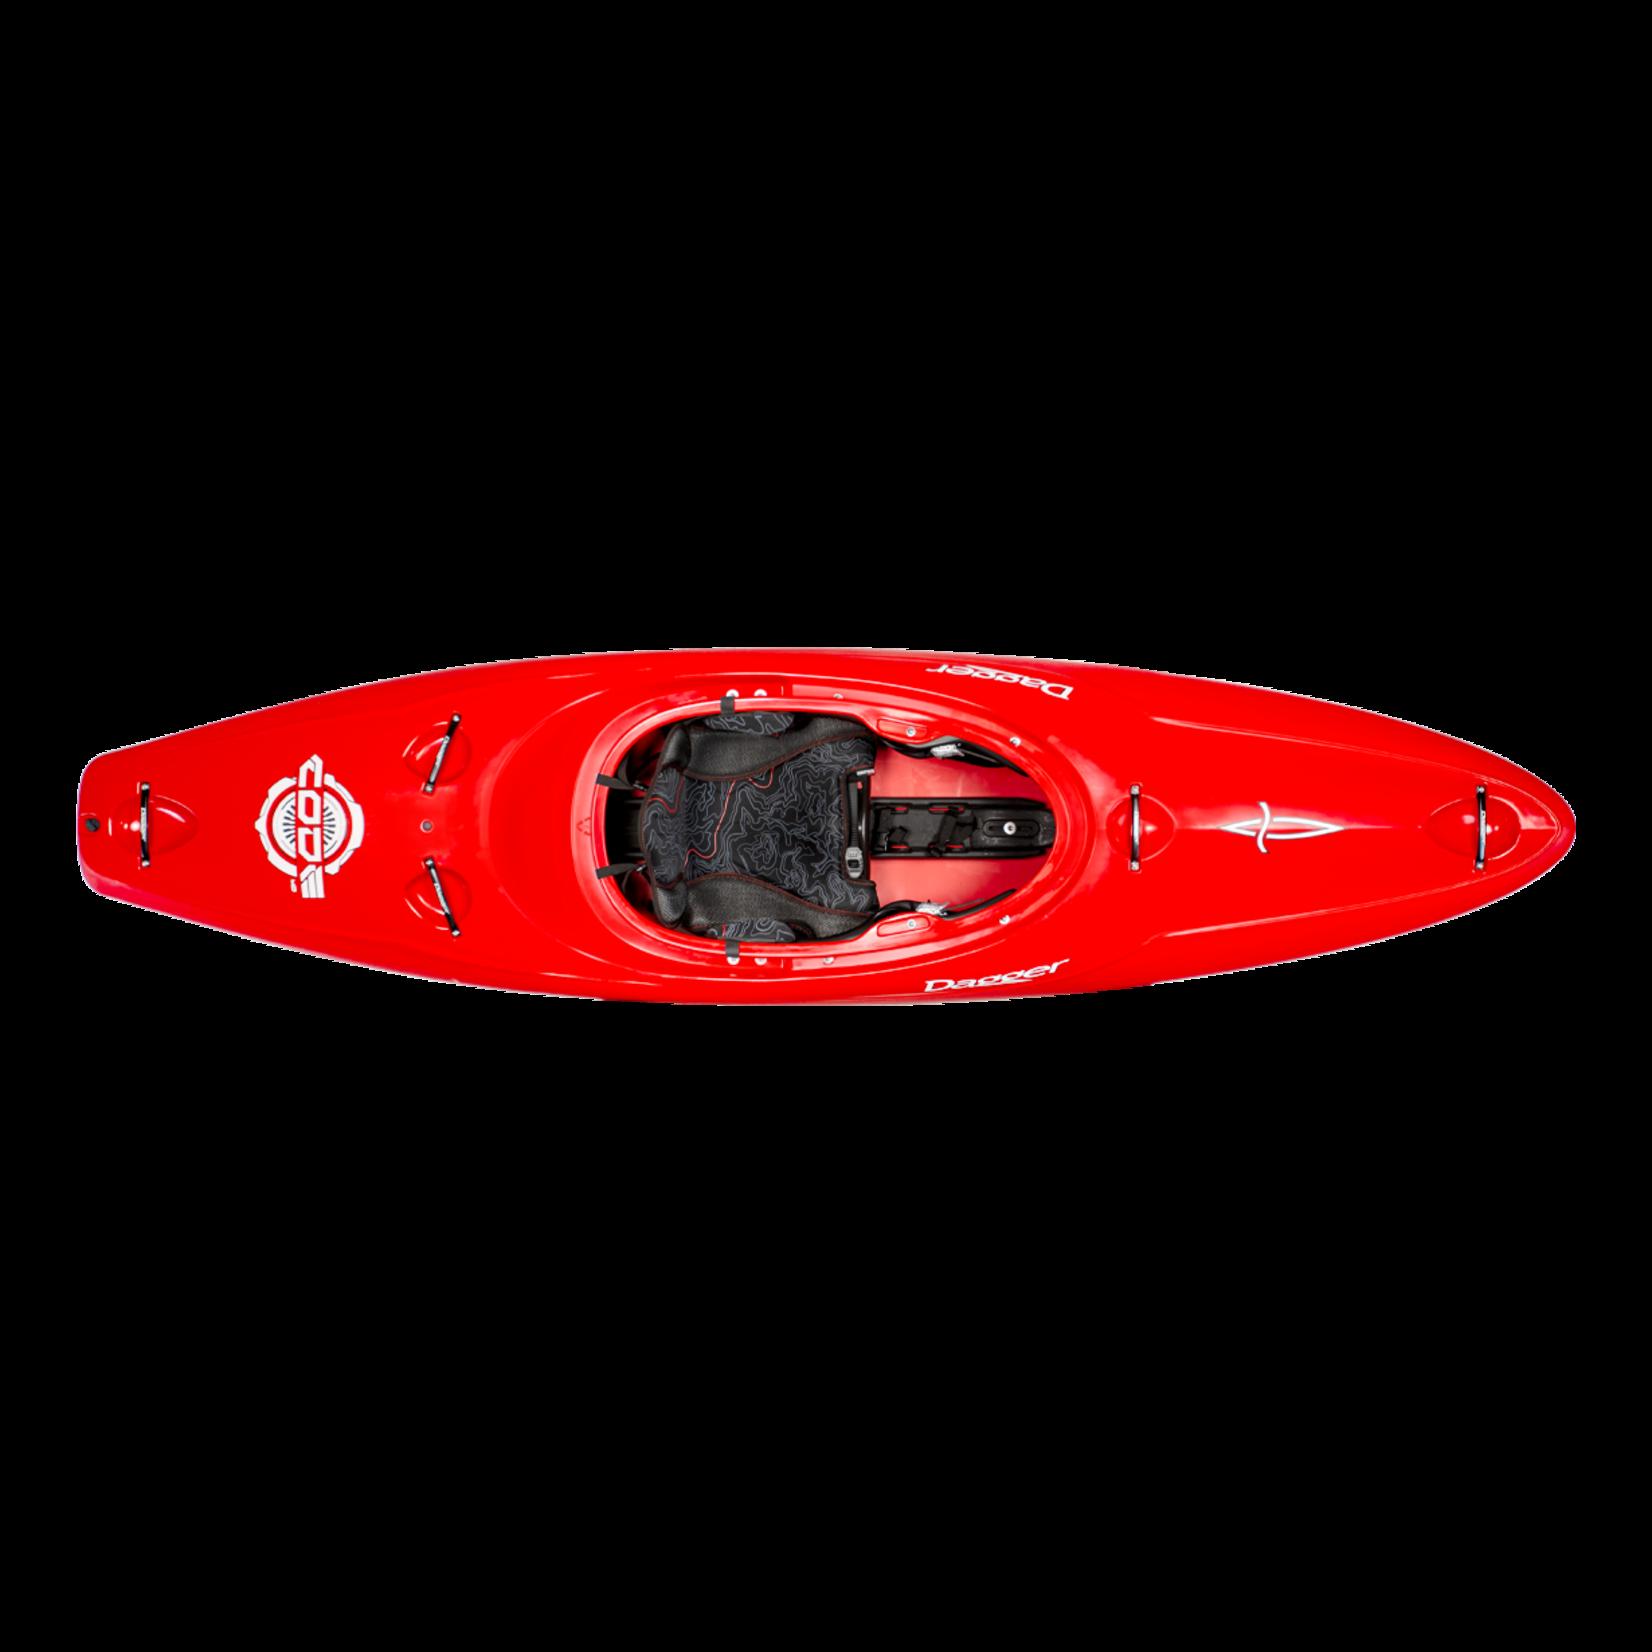 Dagger Dagger Code Whitewater Kayak